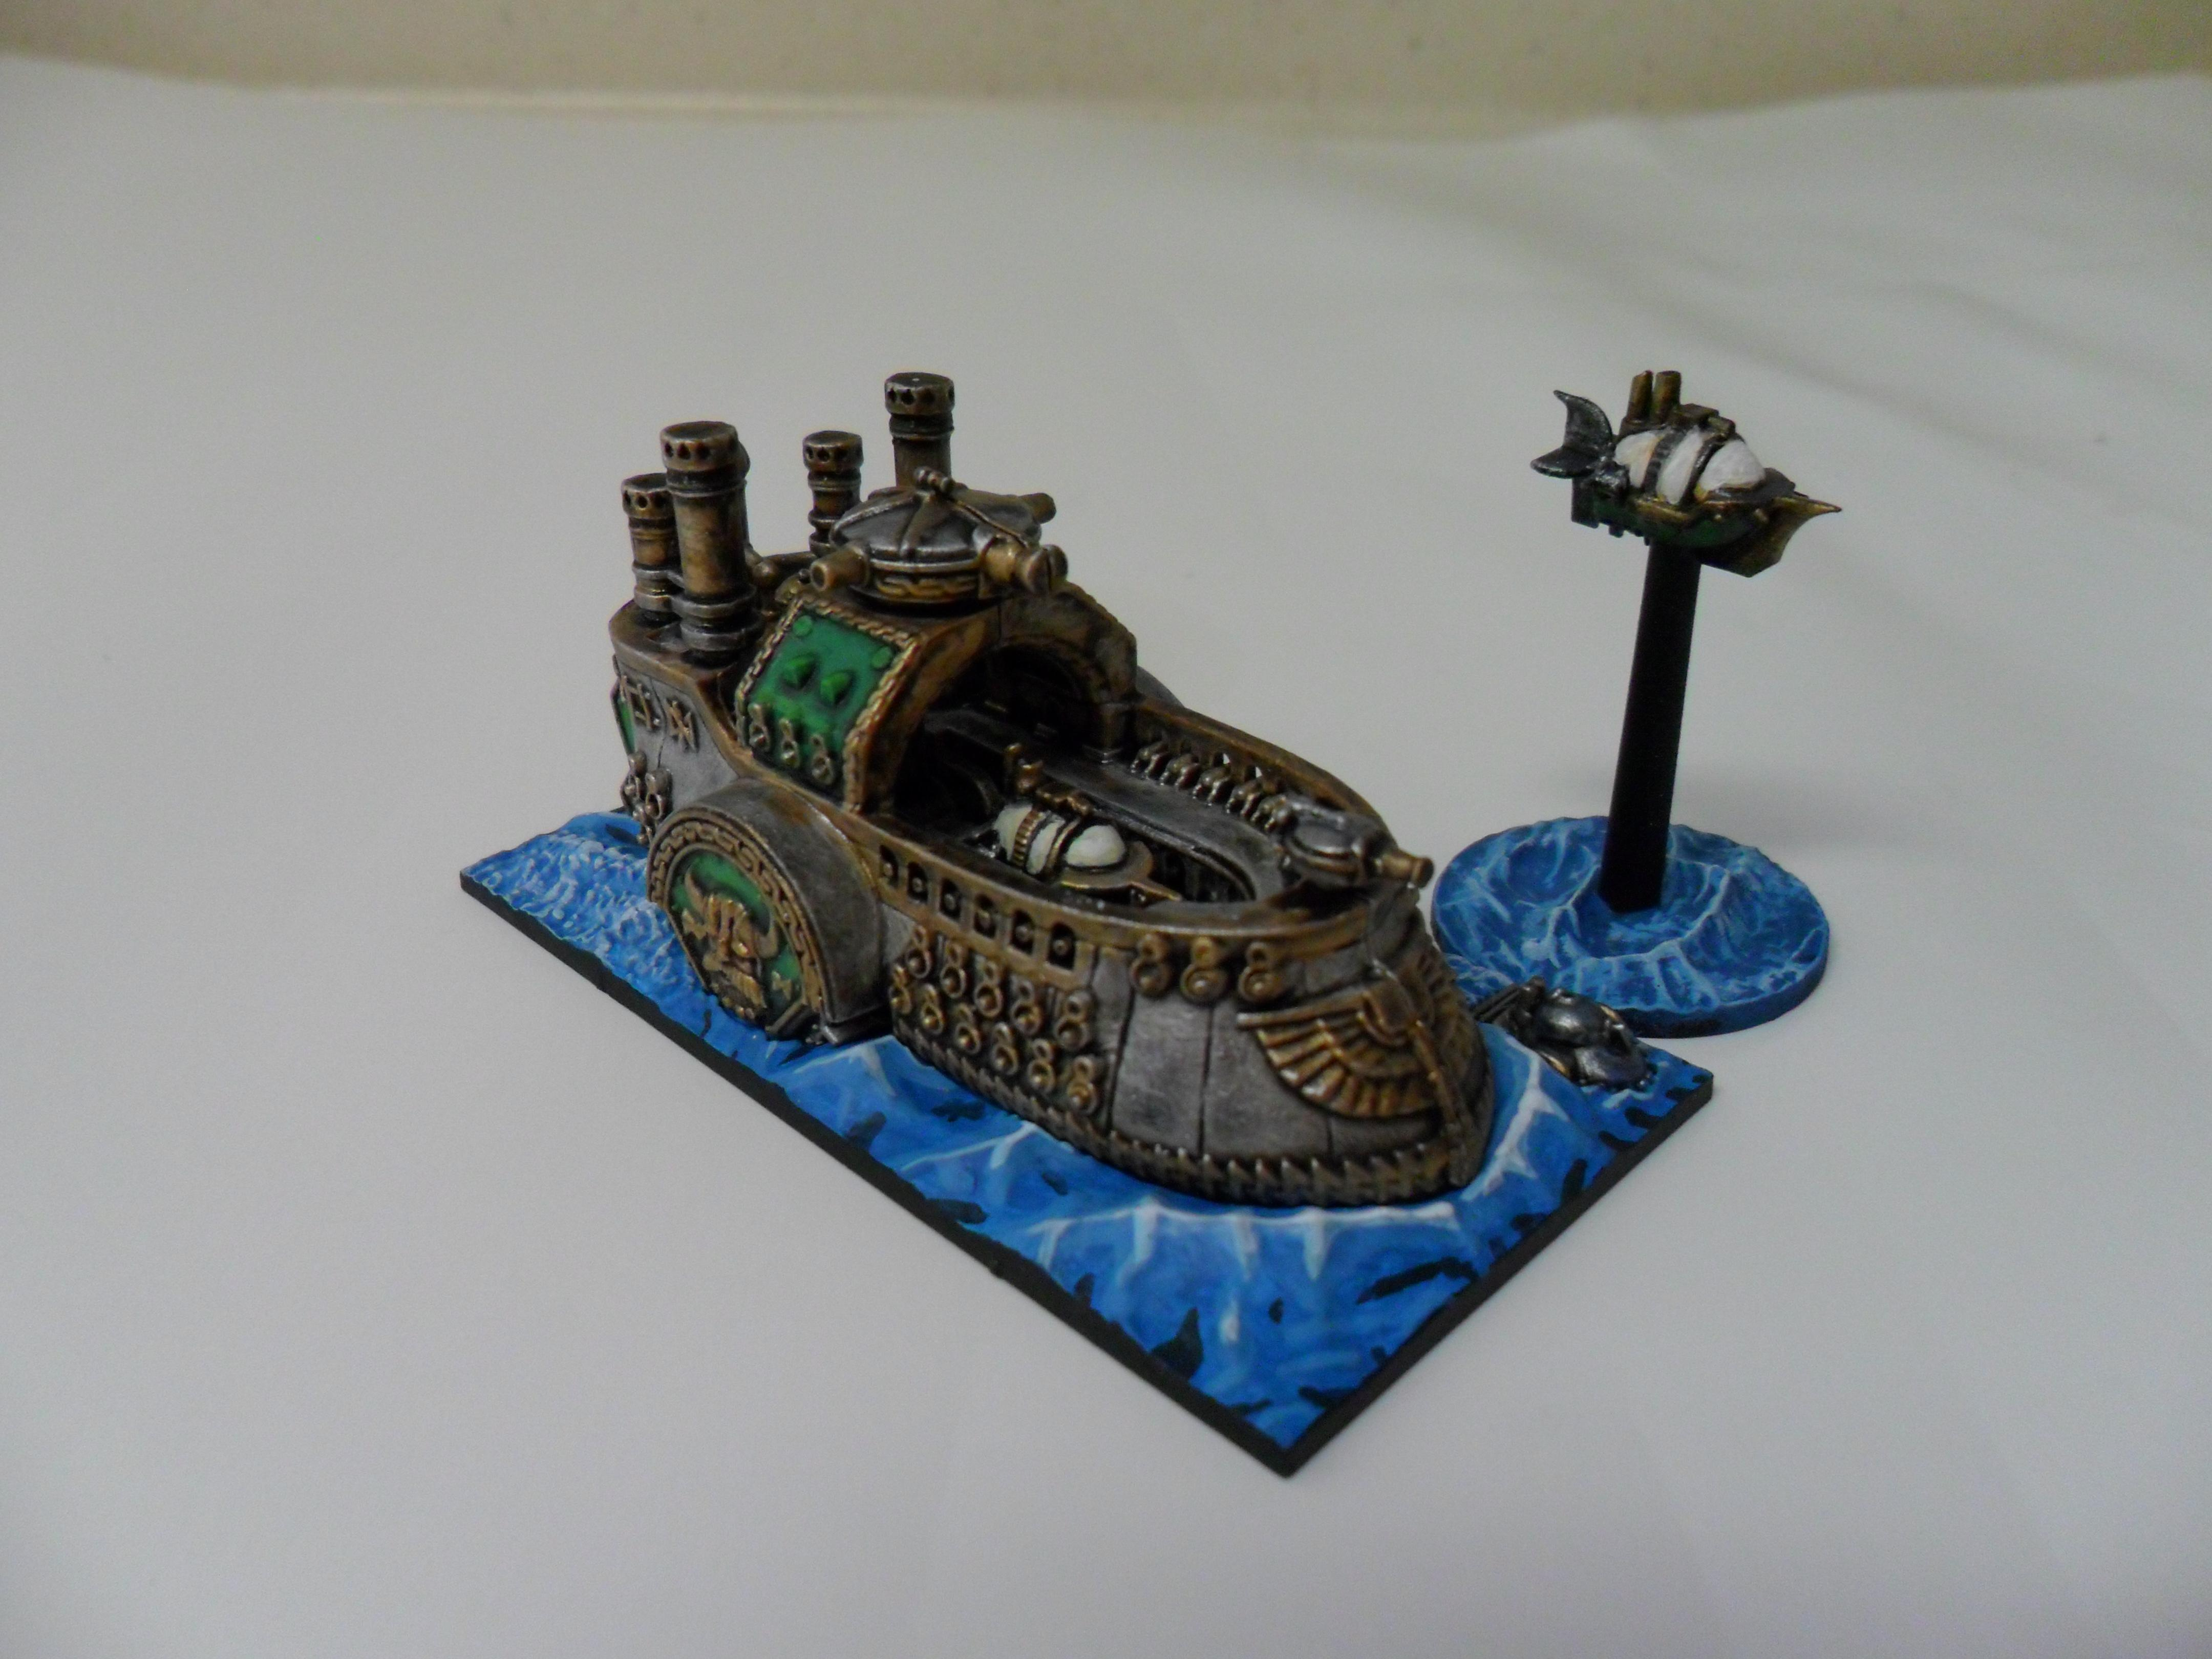 Boat, Dreadfleet, Dwarves, Fleet, Ship, Steampunk